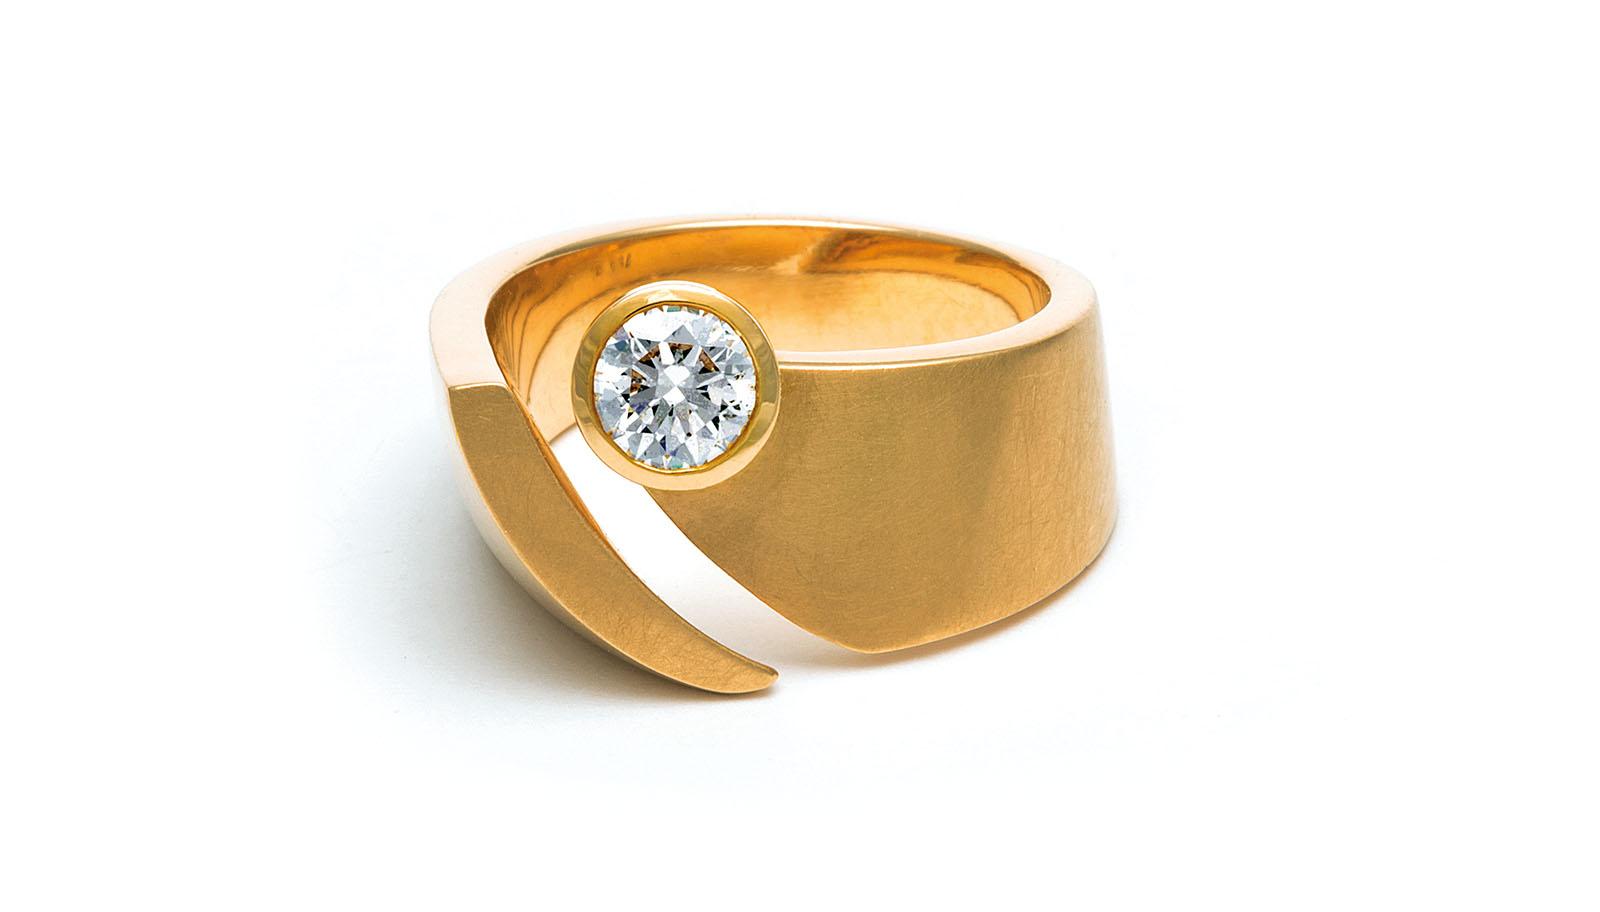 Diamant im Brillantschliff, 750 Gelbgold